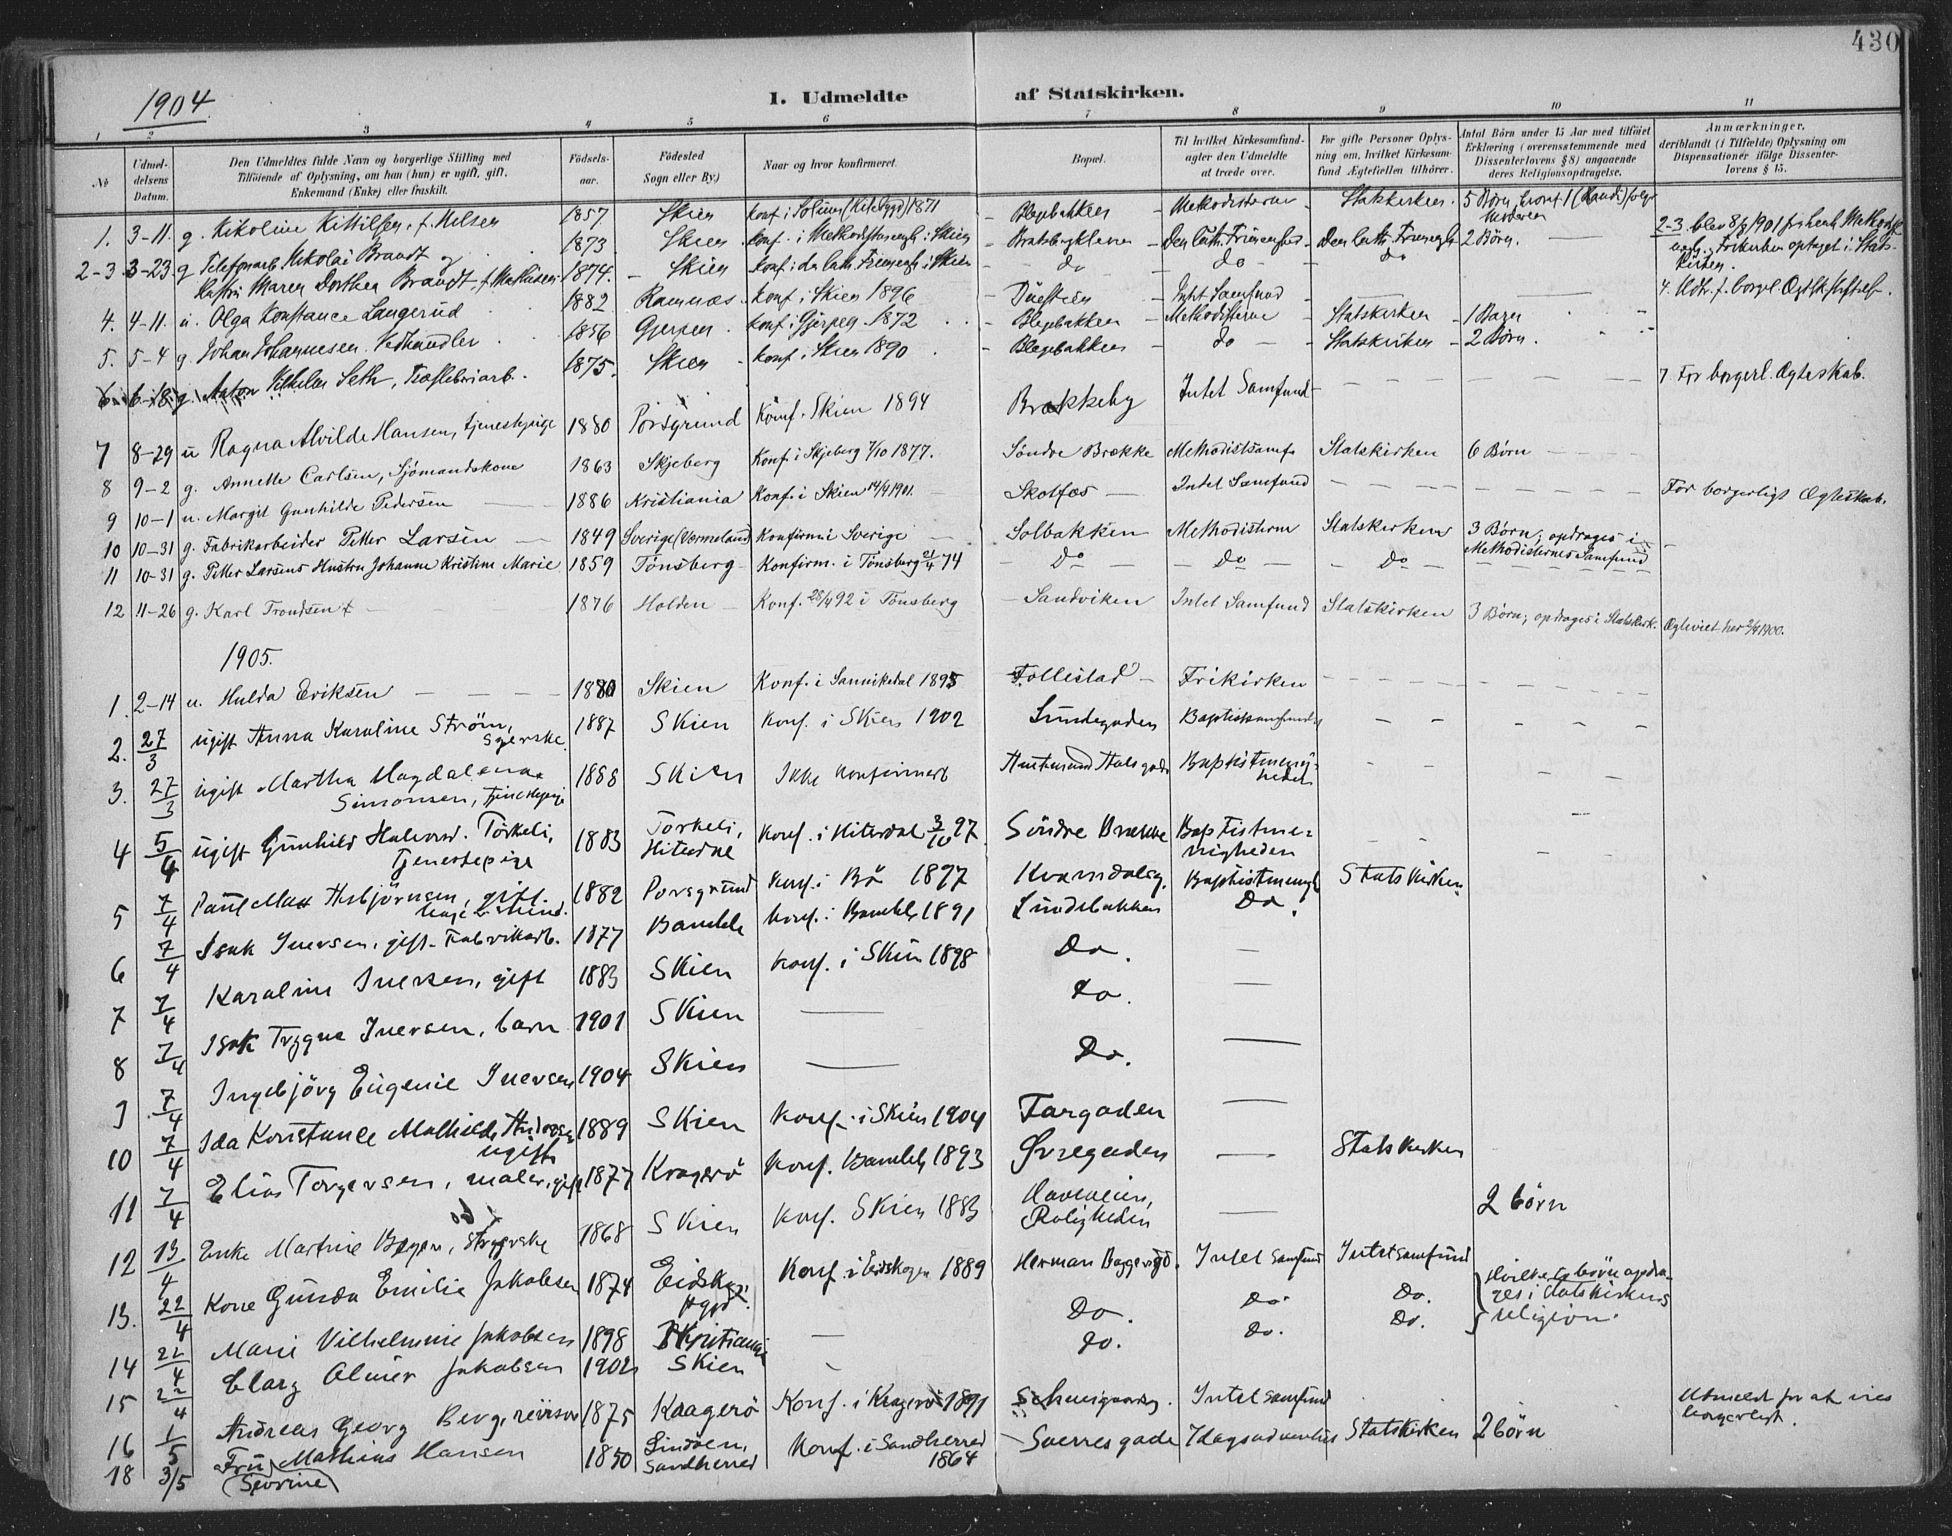 SAKO, Skien kirkebøker, F/Fa/L0011: Ministerialbok nr. 11, 1900-1907, s. 430